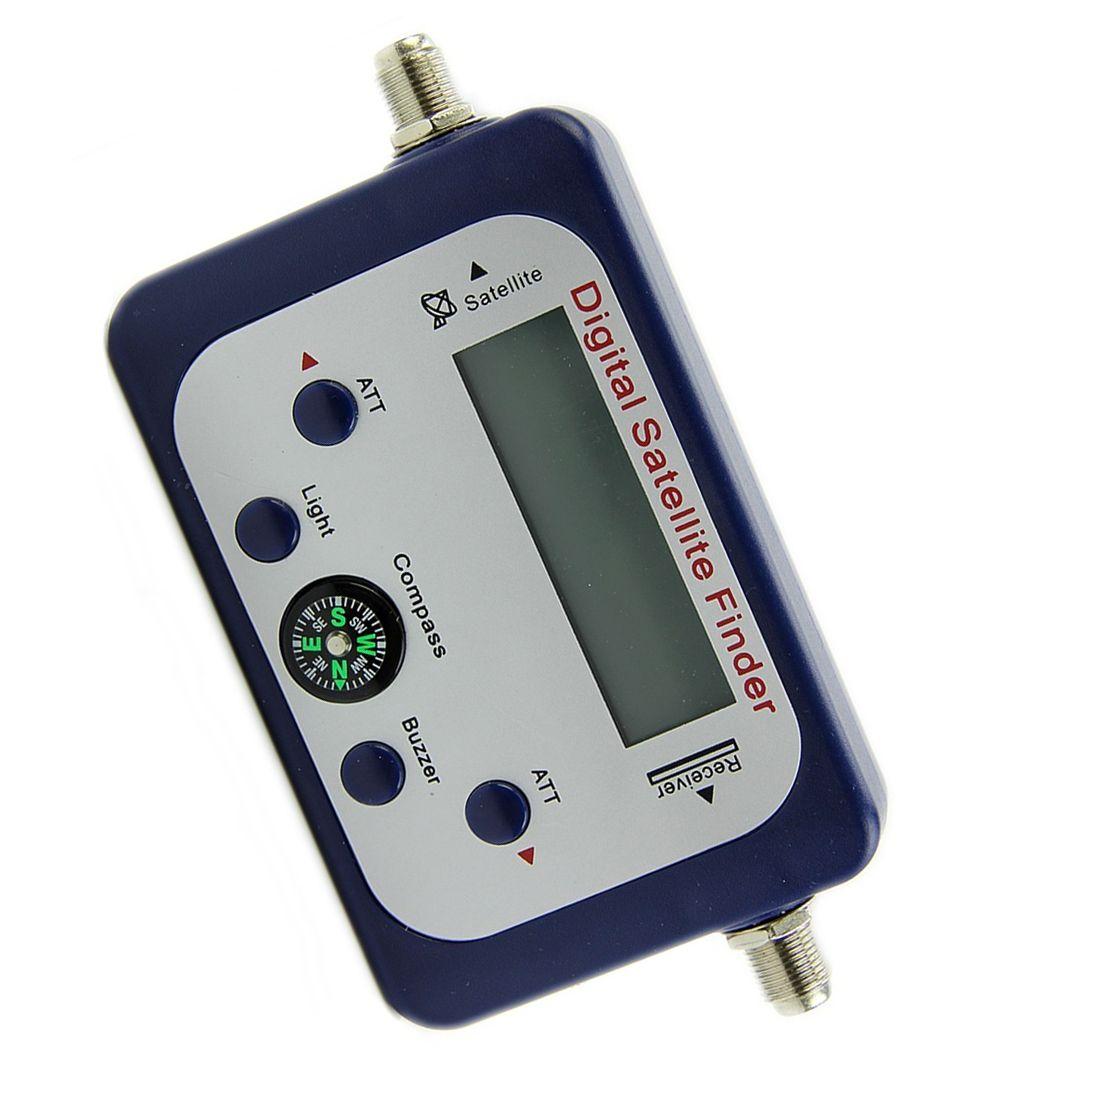 Scls LCD Digital buscador de satélites sáb buscador medidor de señal Sky dish freesat azul